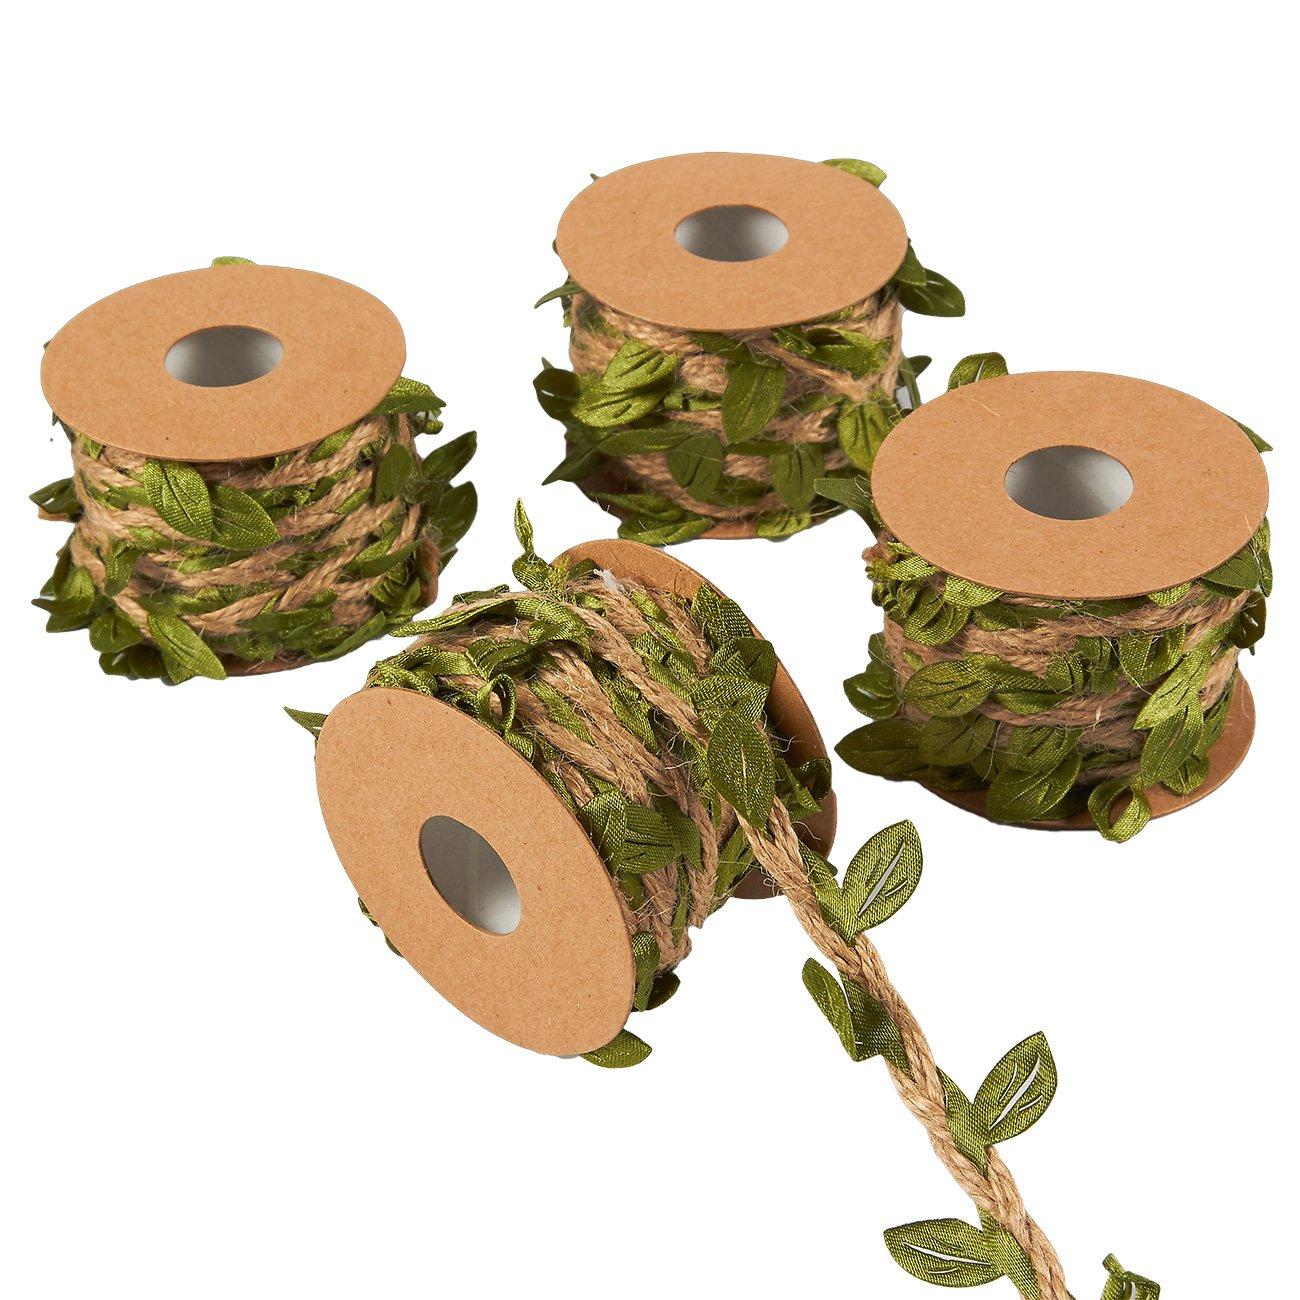 cuerda de vid para corona boda diadema verde hogar arpillera artificial 4 rollos para colgar en la pared jard/ín decoraci/ón de fiesta cinta de vino Guirnalda de hojas